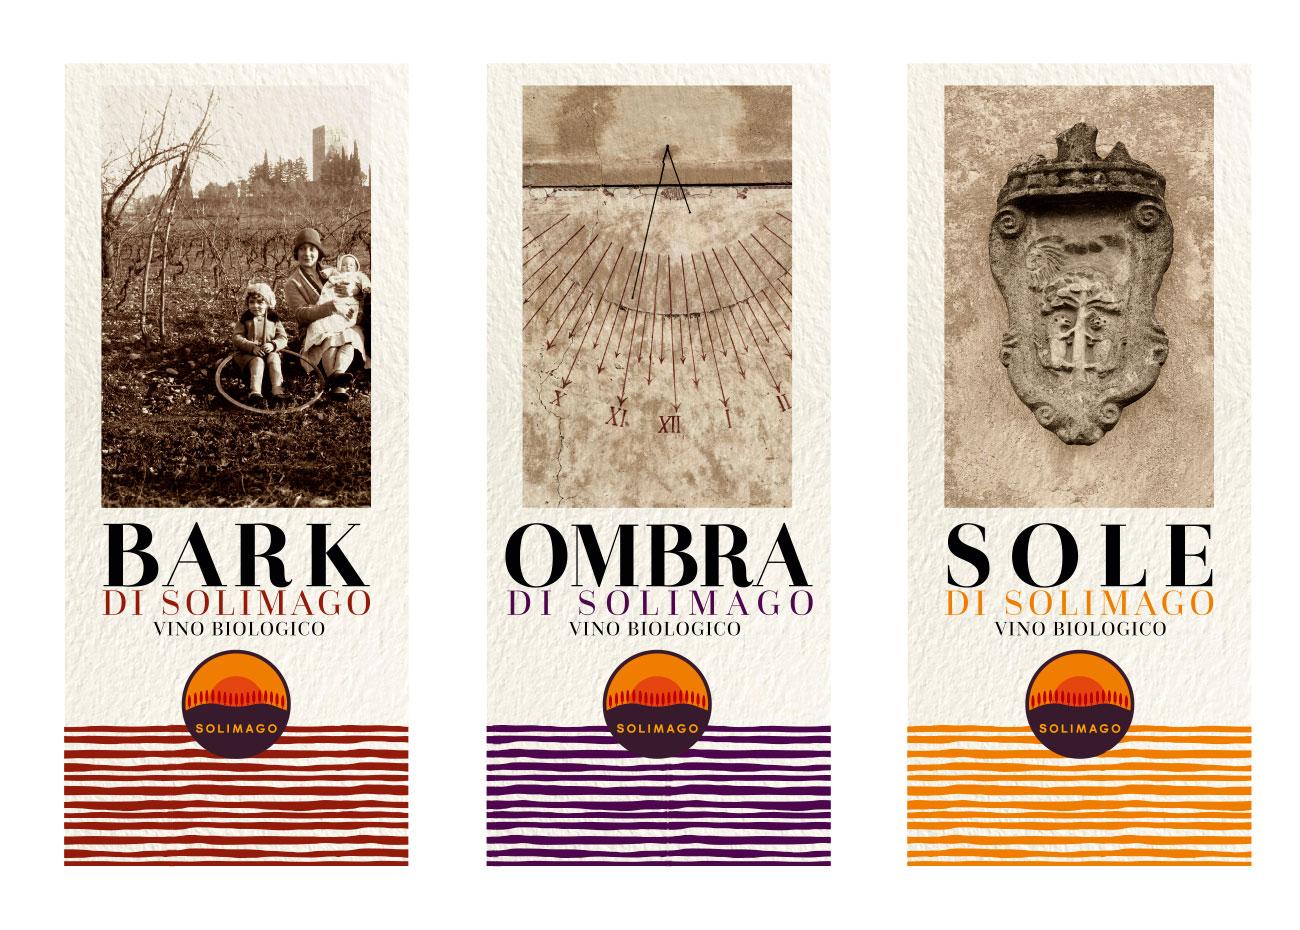 progettazione grafica etichette vino